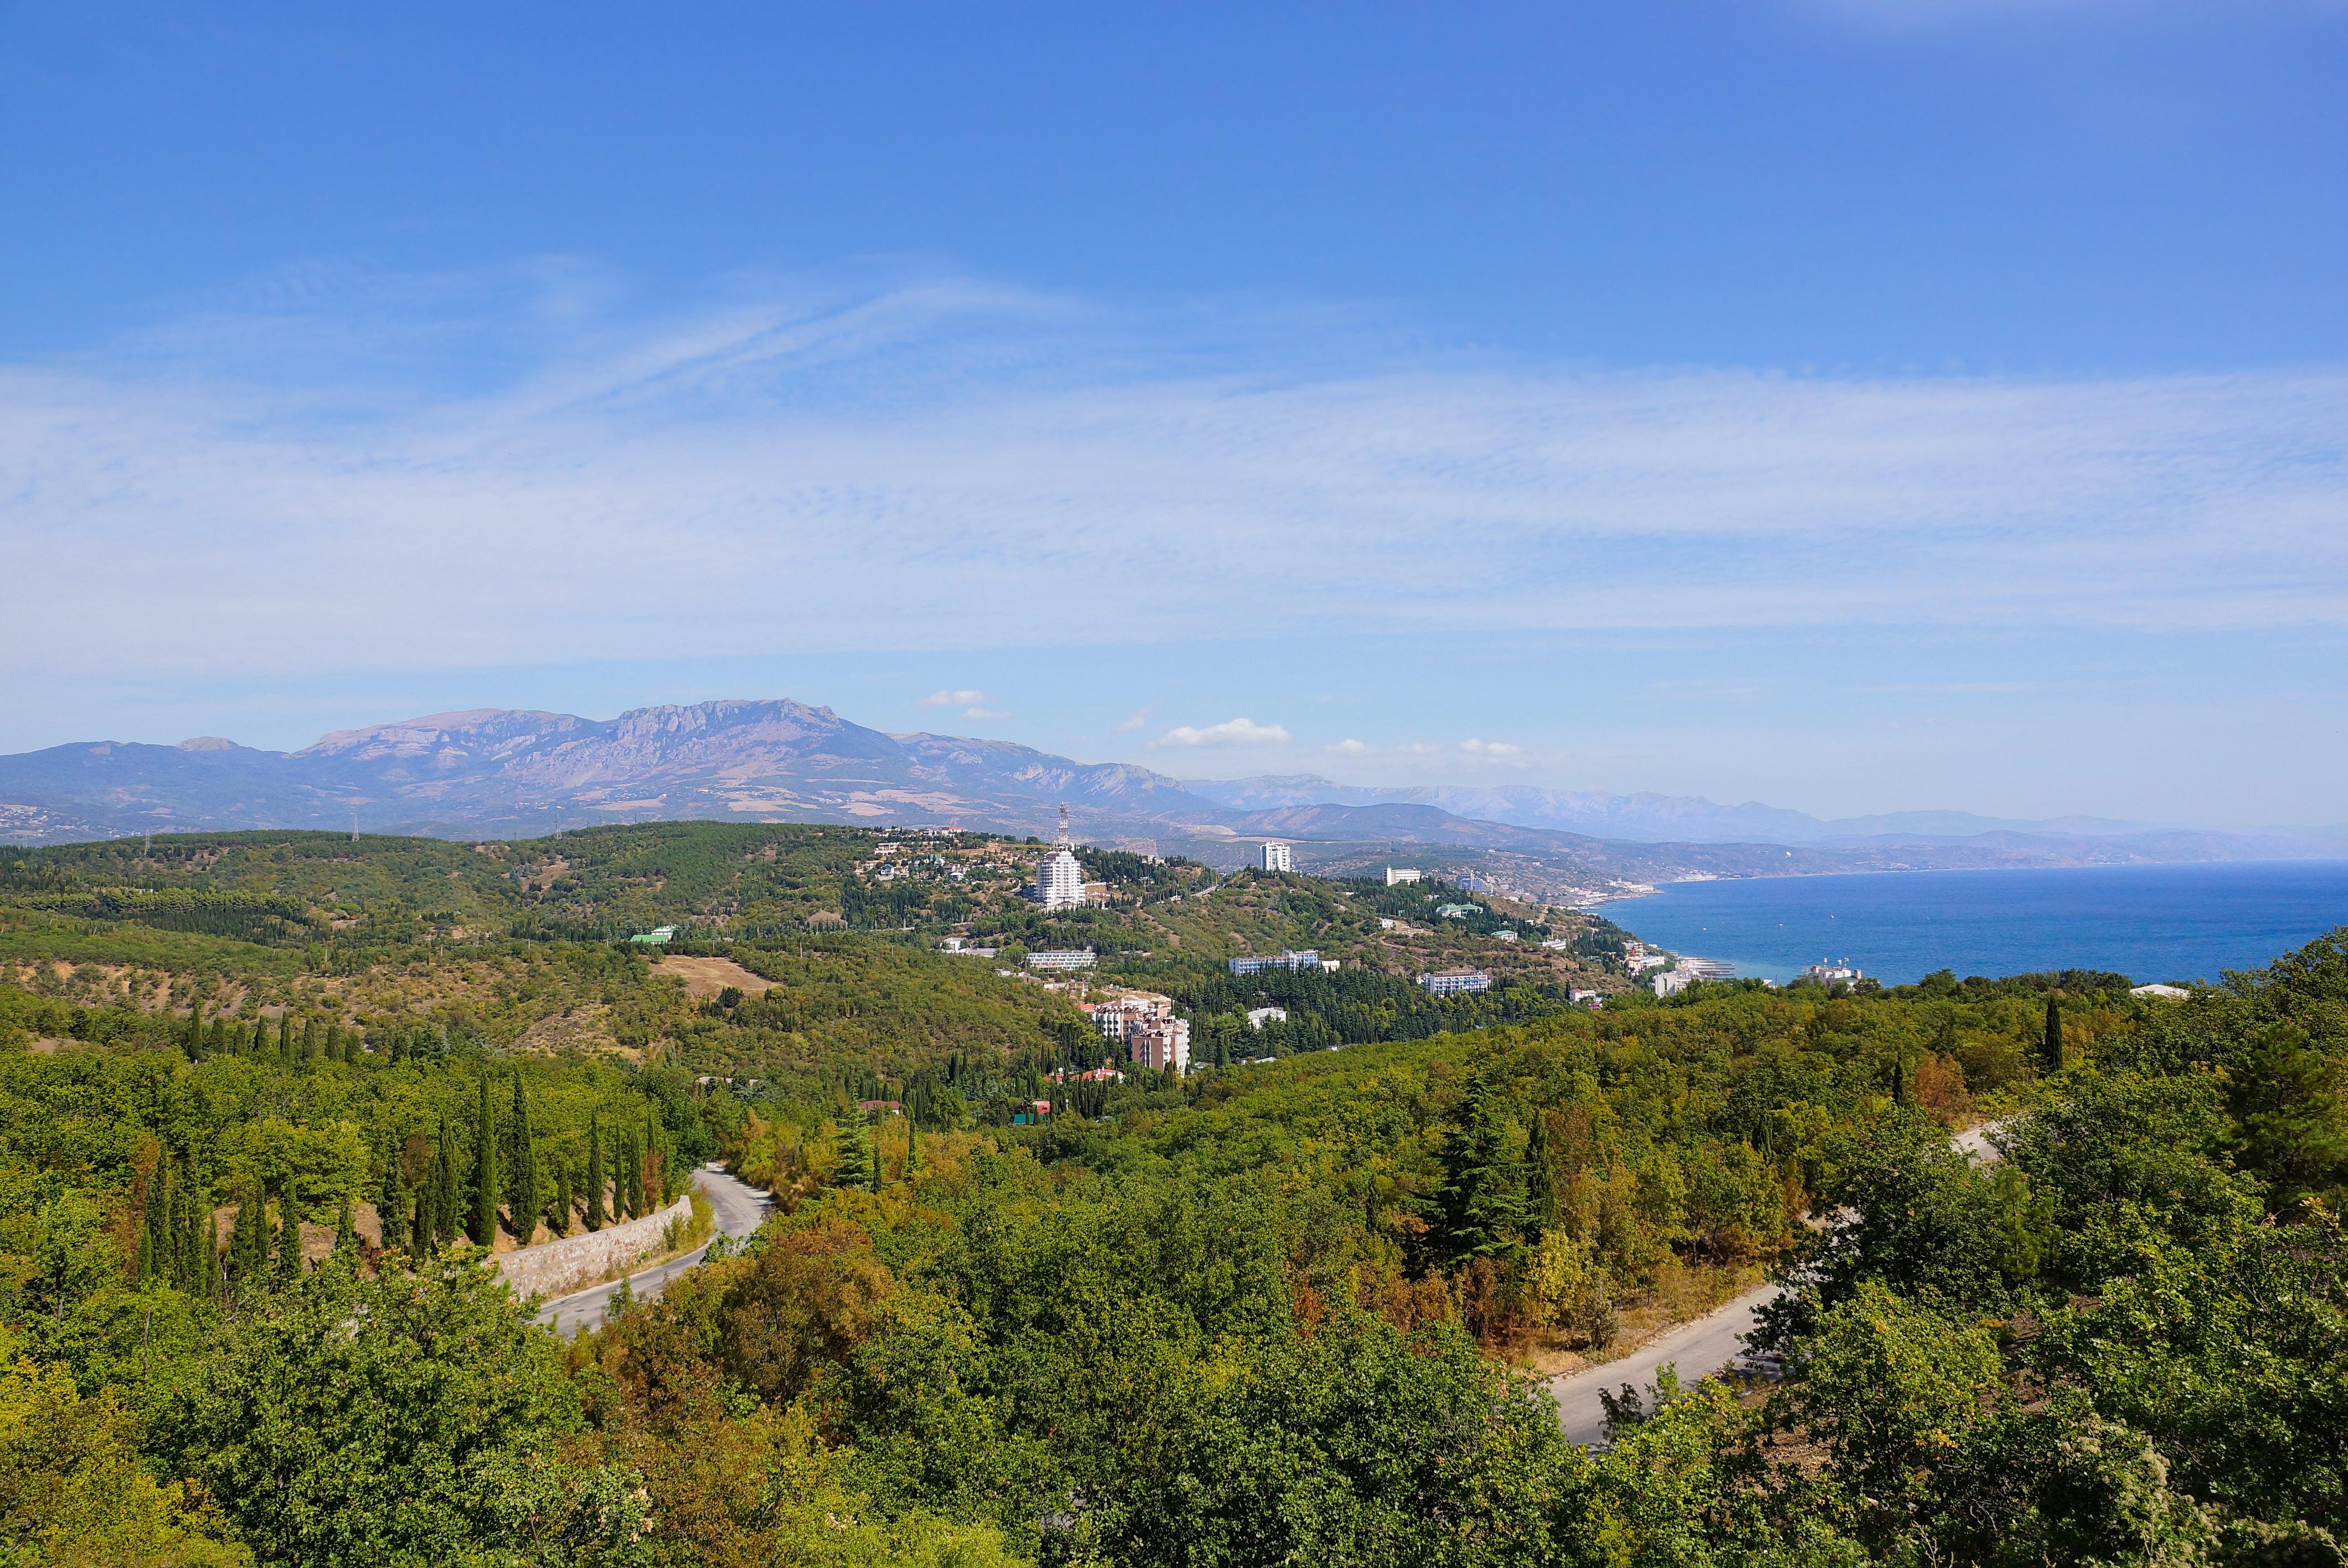 Вид на Алушту и побережье Черного моря с горы Демерджи, Крым